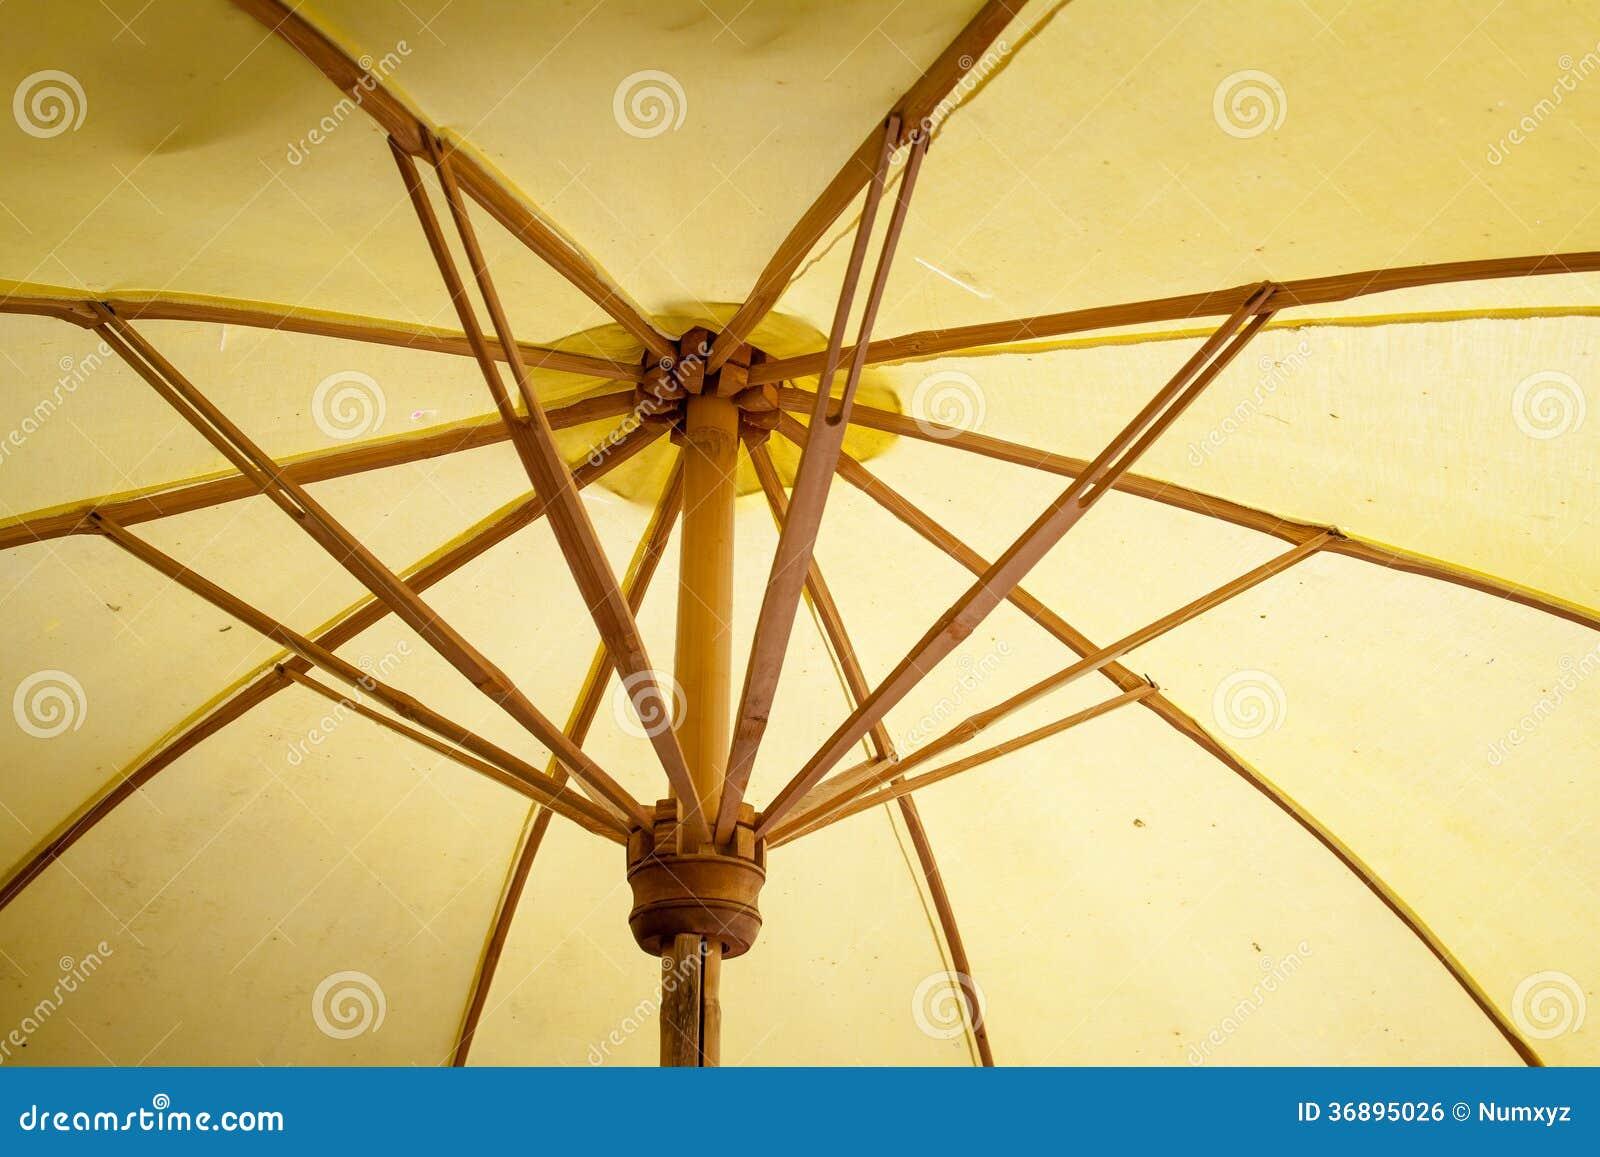 Download Ombrello Fatto Di Carta/di Tessuto. Arti Fotografia Stock - Immagine di arte, esotico: 36895026